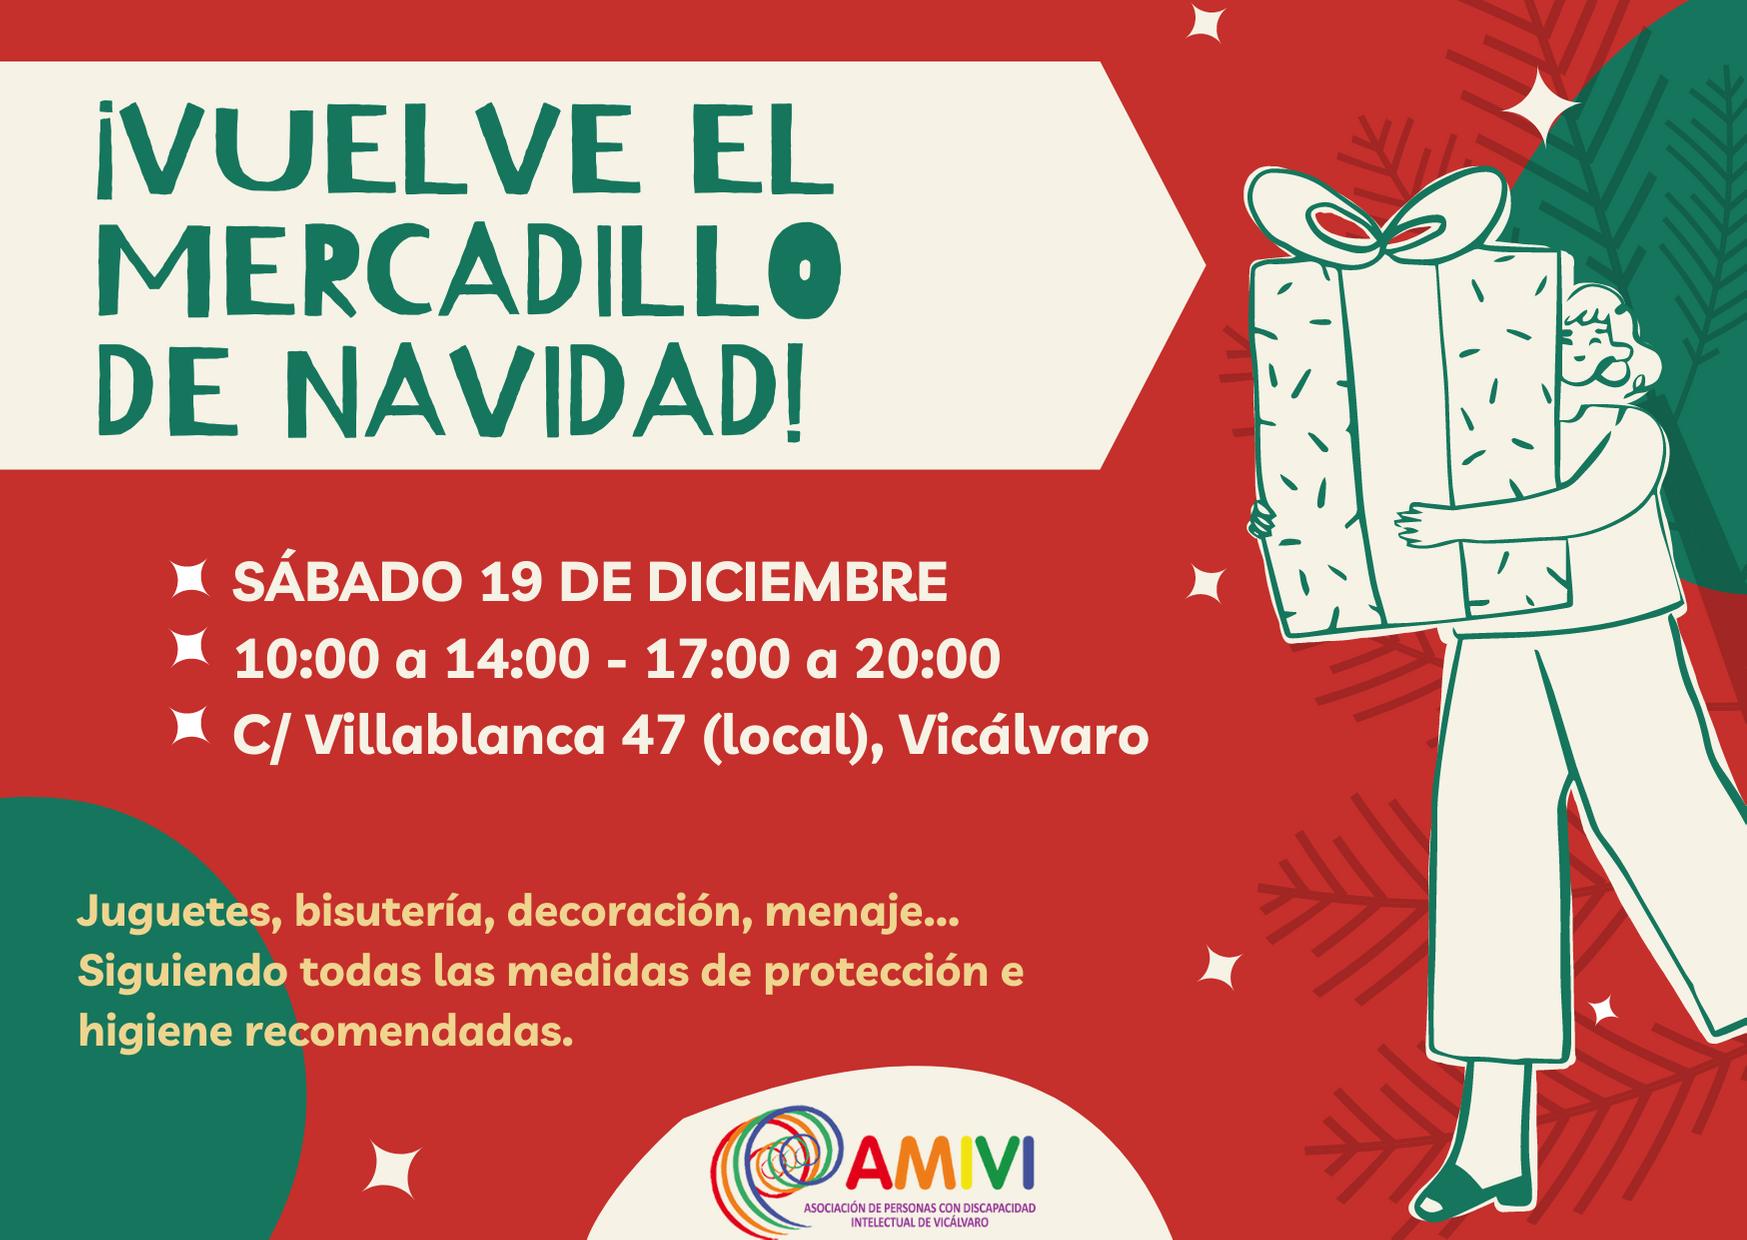 Mercadillo navideño de AMIVI 2020